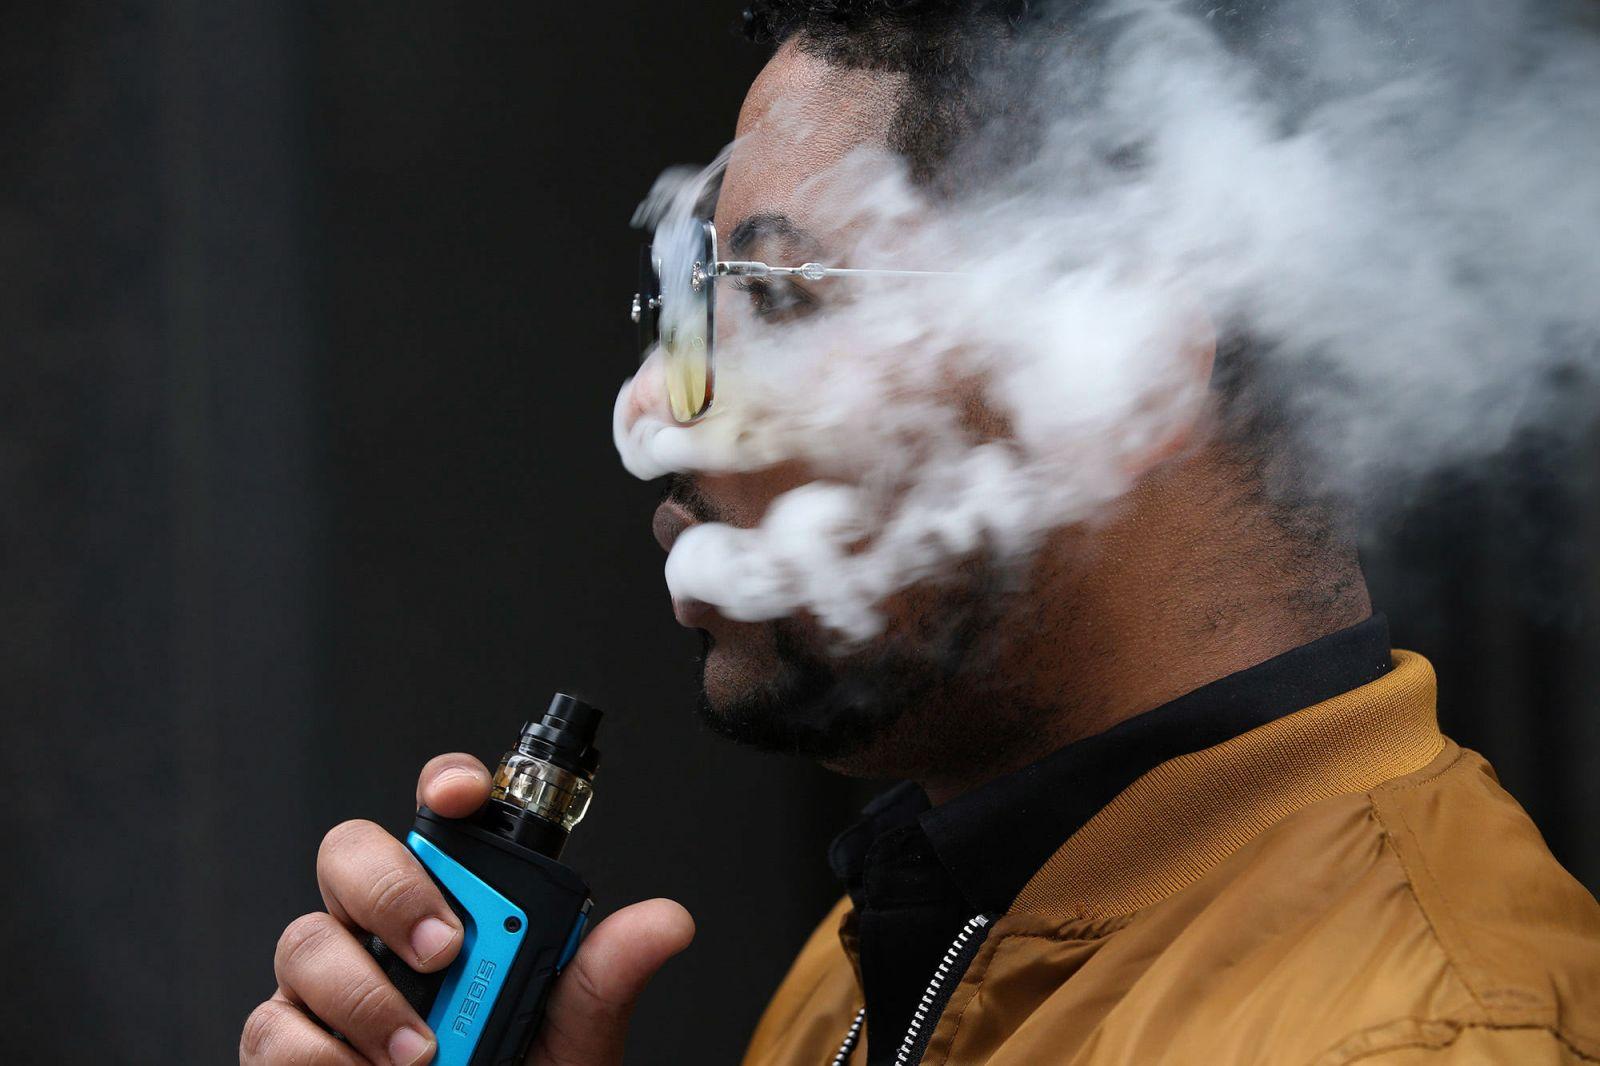 Ilustrasi vape dapat sebabkan penumpukan racun di paru-paru. Foto: NY Times